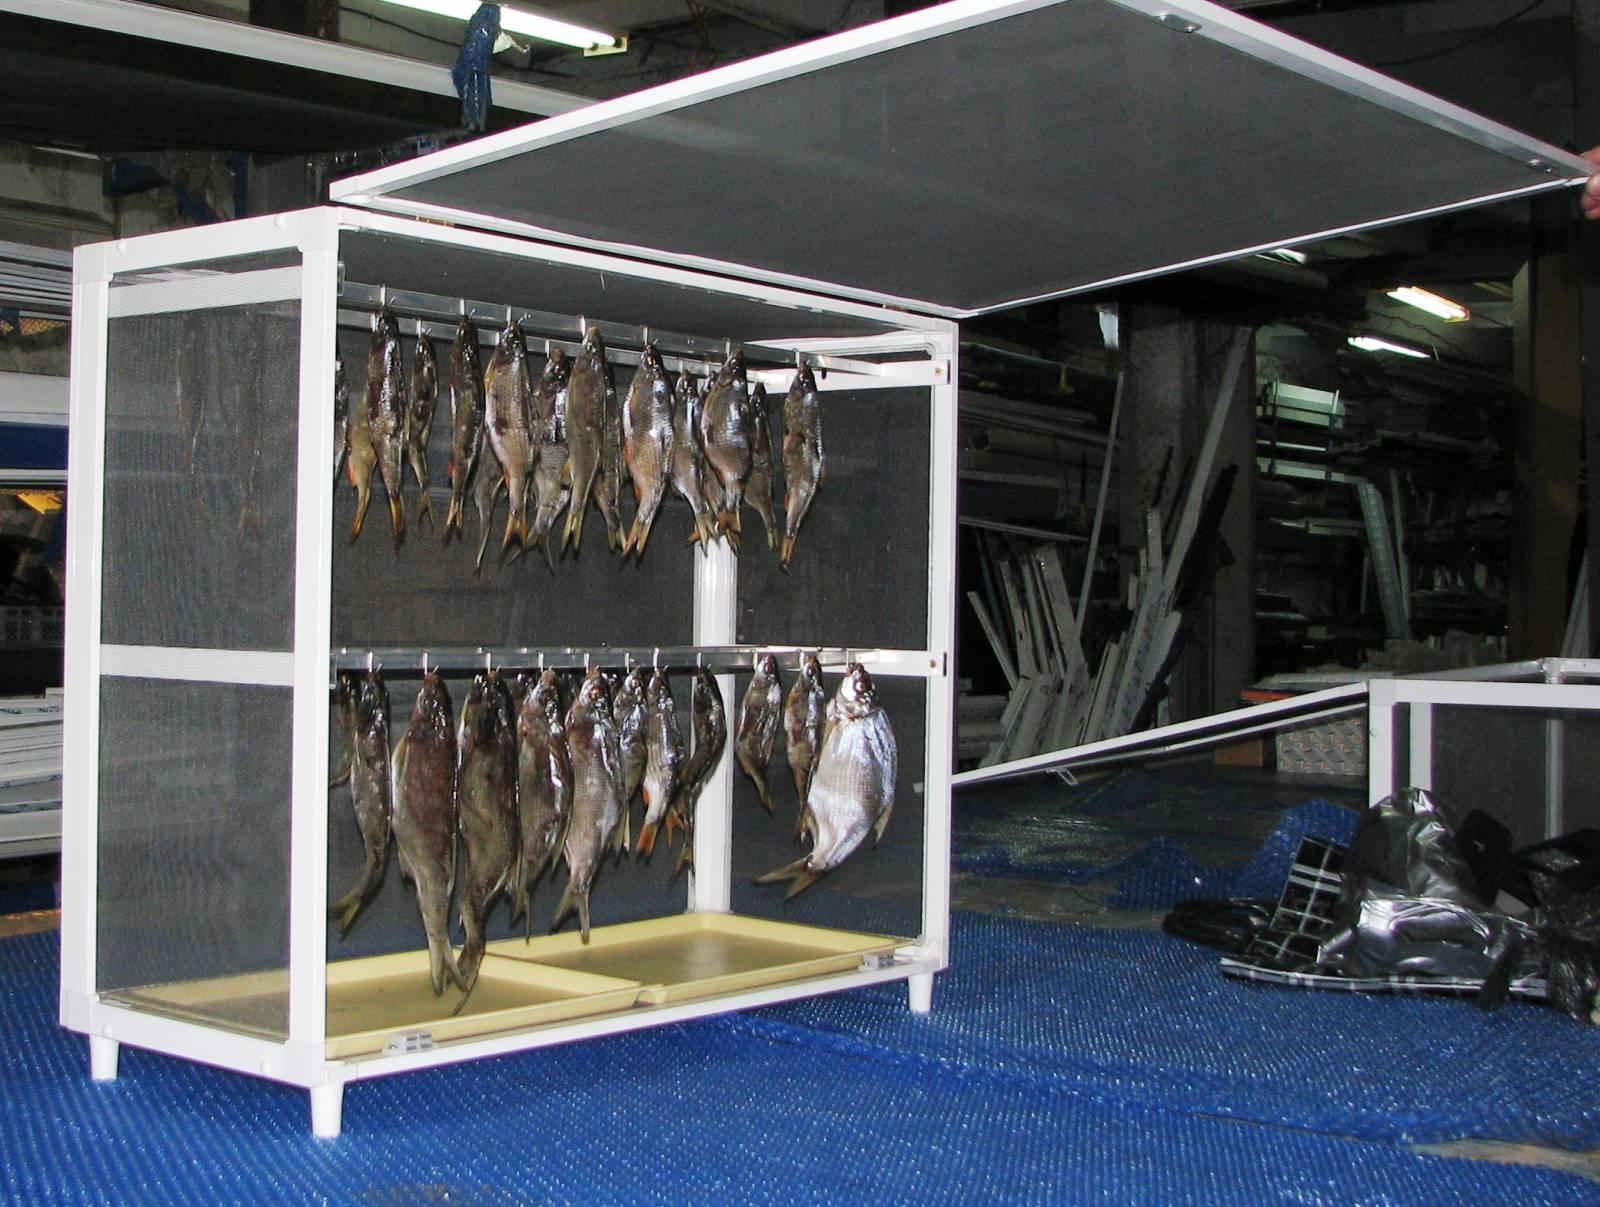 Купить в москве сушилку для рыбы